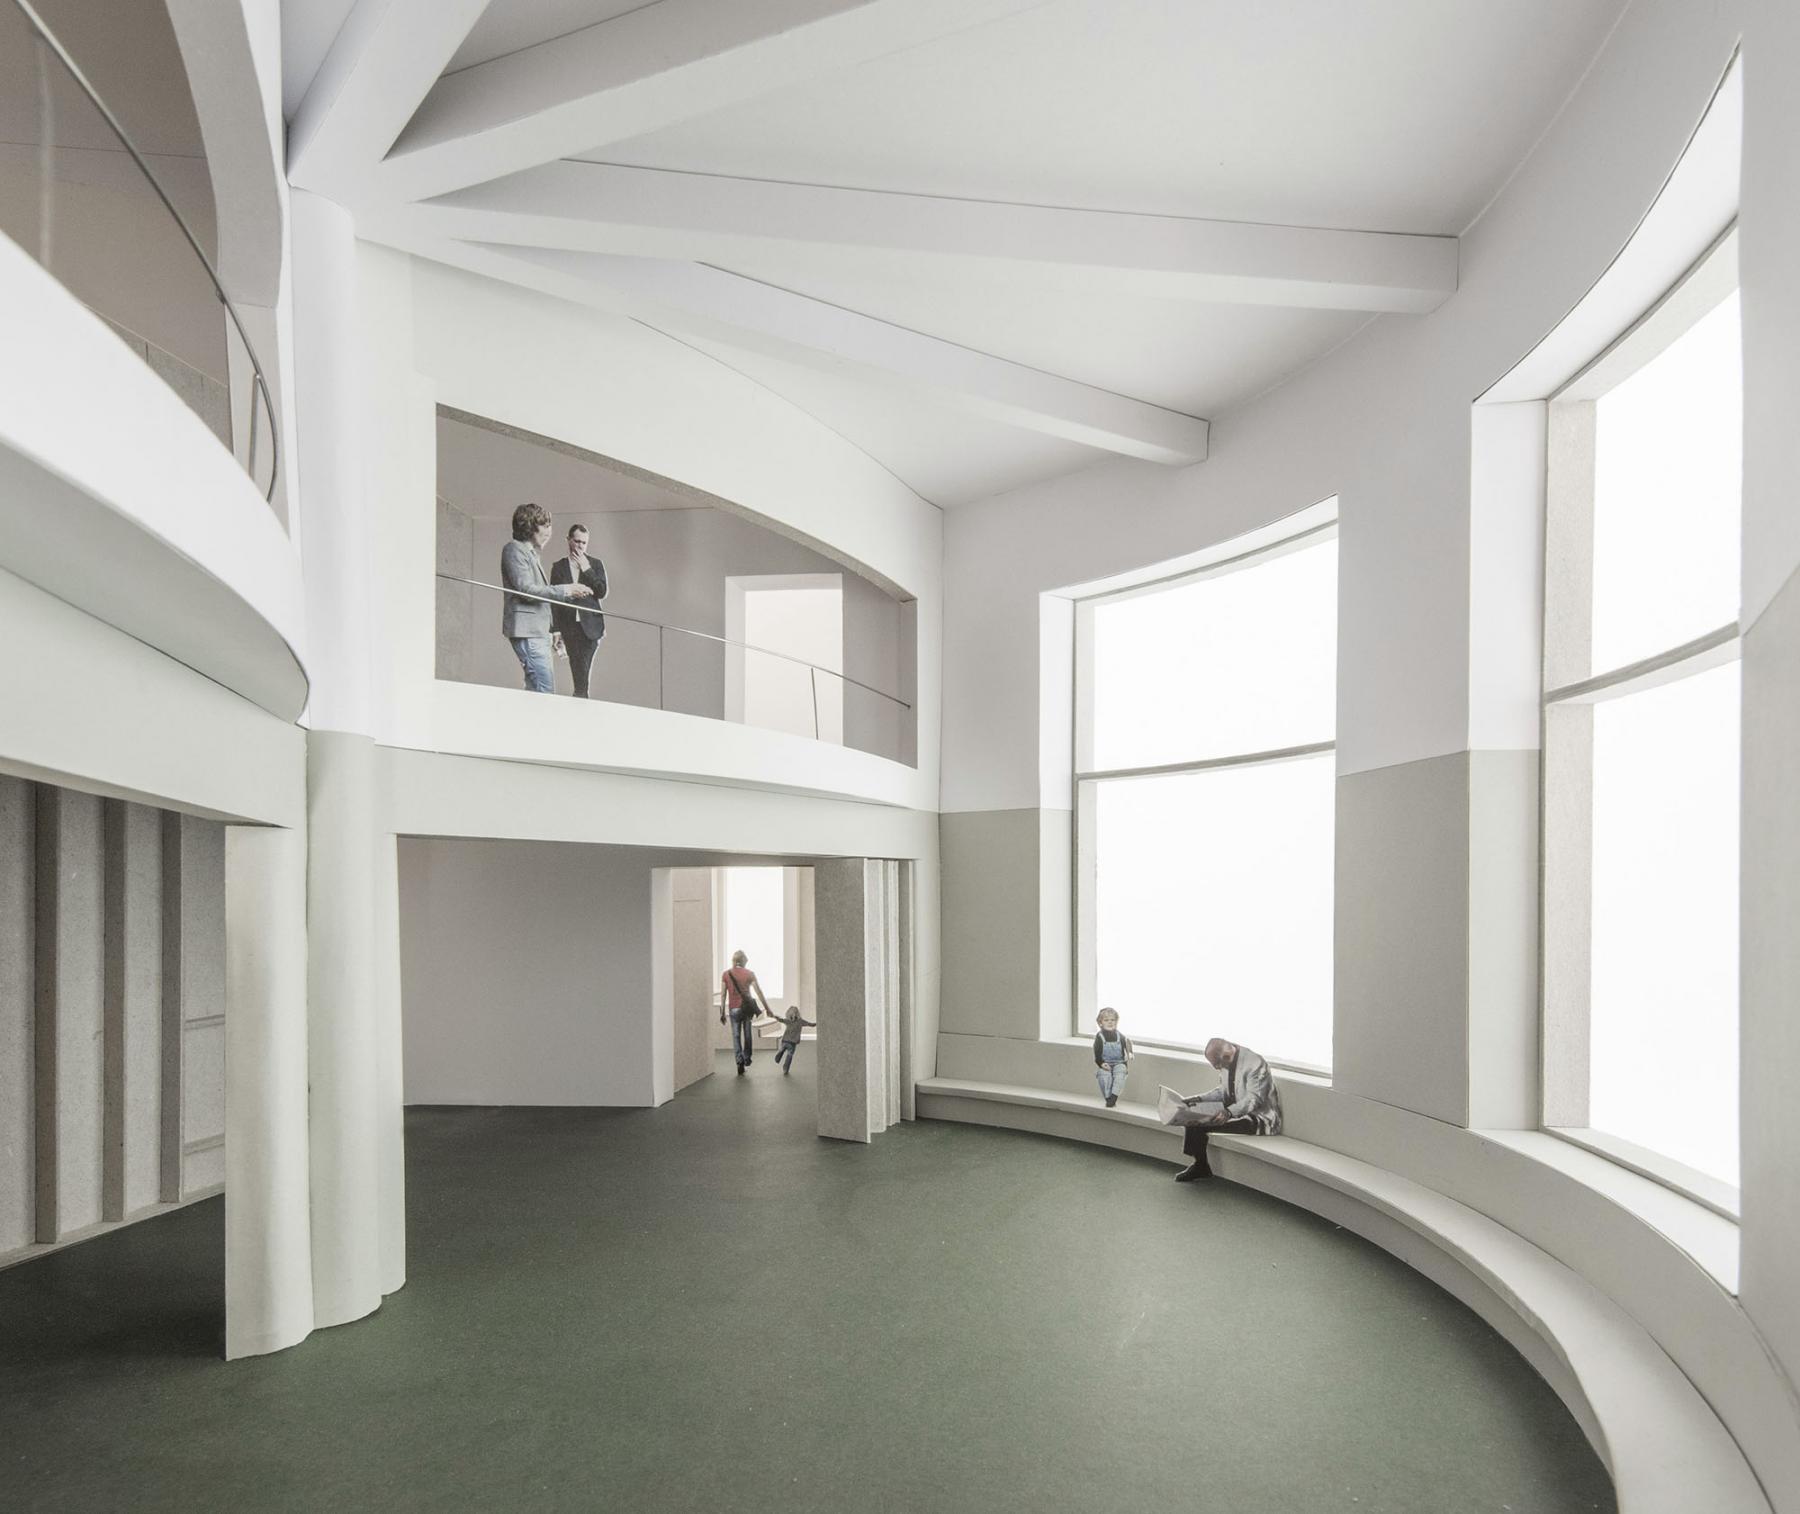 Réhabilitation d'un ancien manège en bâtiment d'équipements publics, Genève, ESTAR armental ciurlo walker arquitectos, SUSPENDU